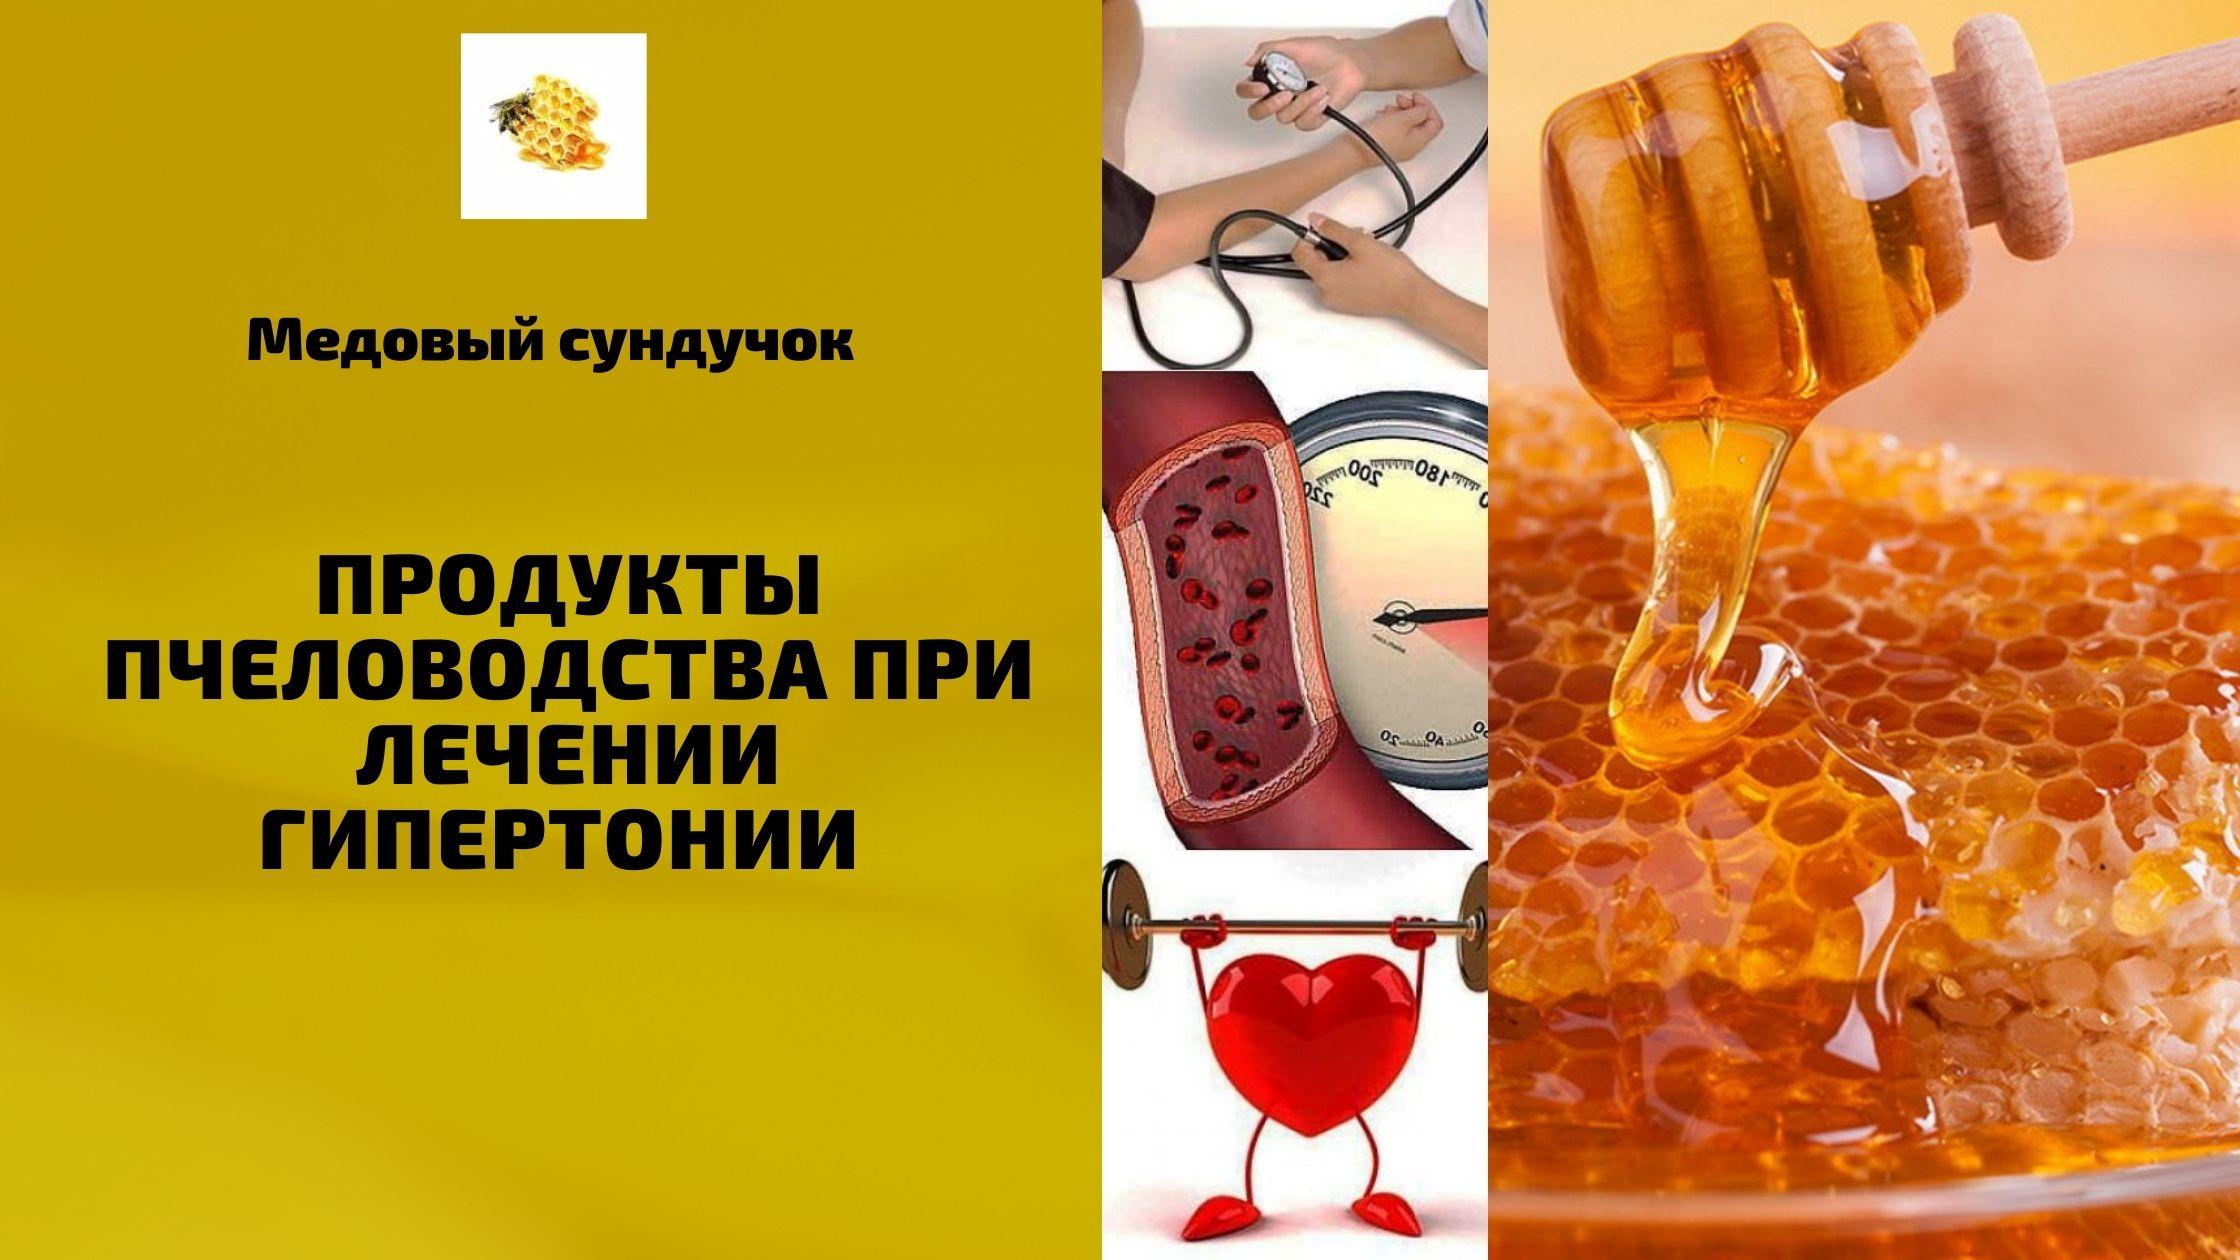 Продукты пчеловодства при лечении гипертонии